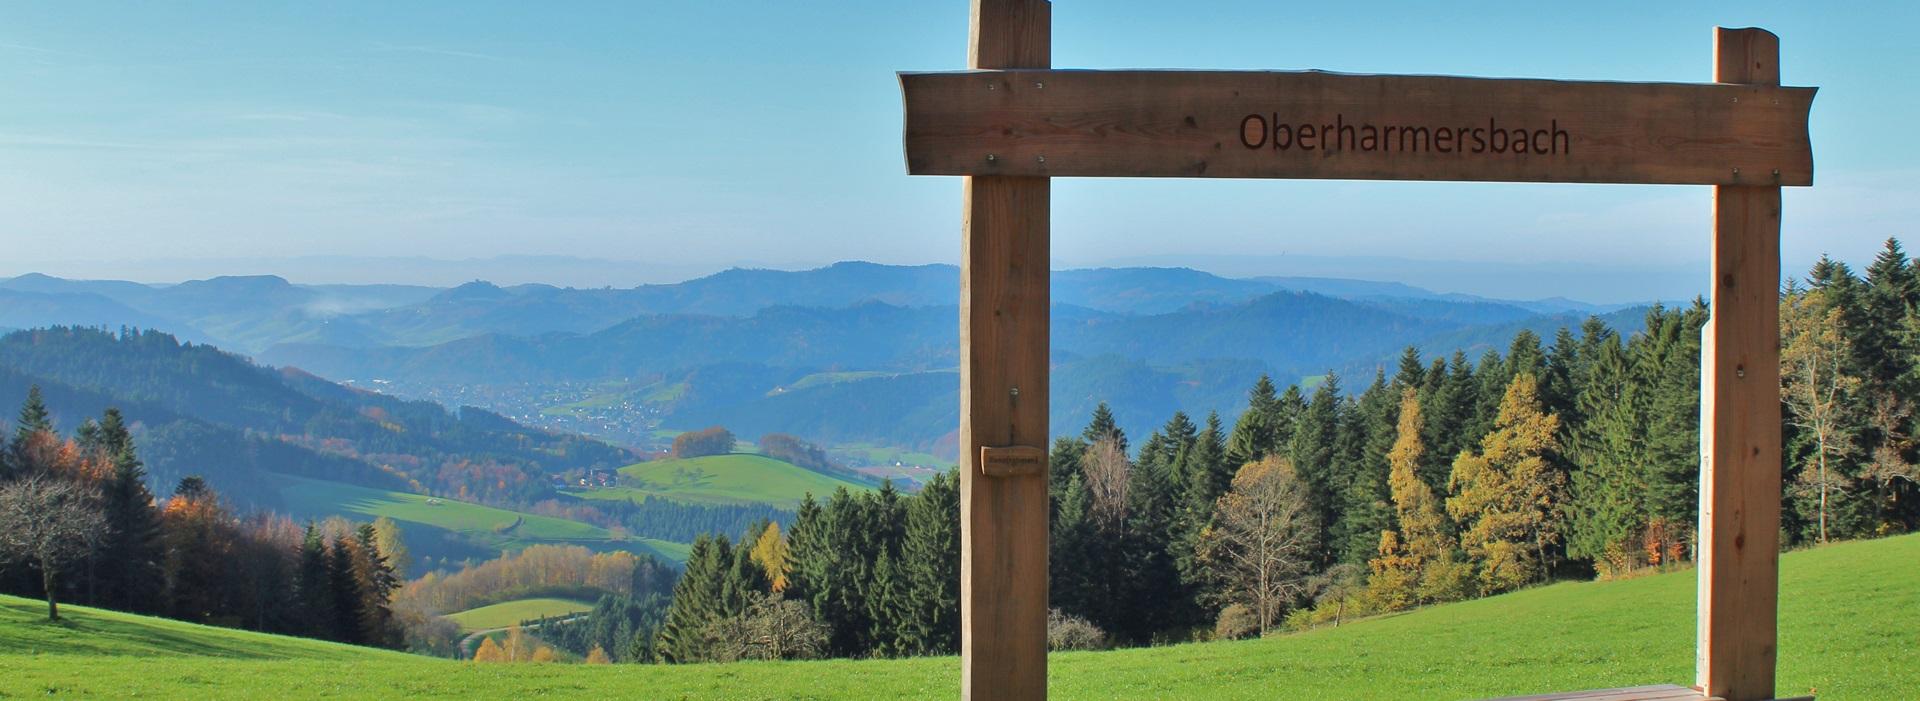 Bilderrahmen Oberharmersbach Ferienwohnung Stinneshof